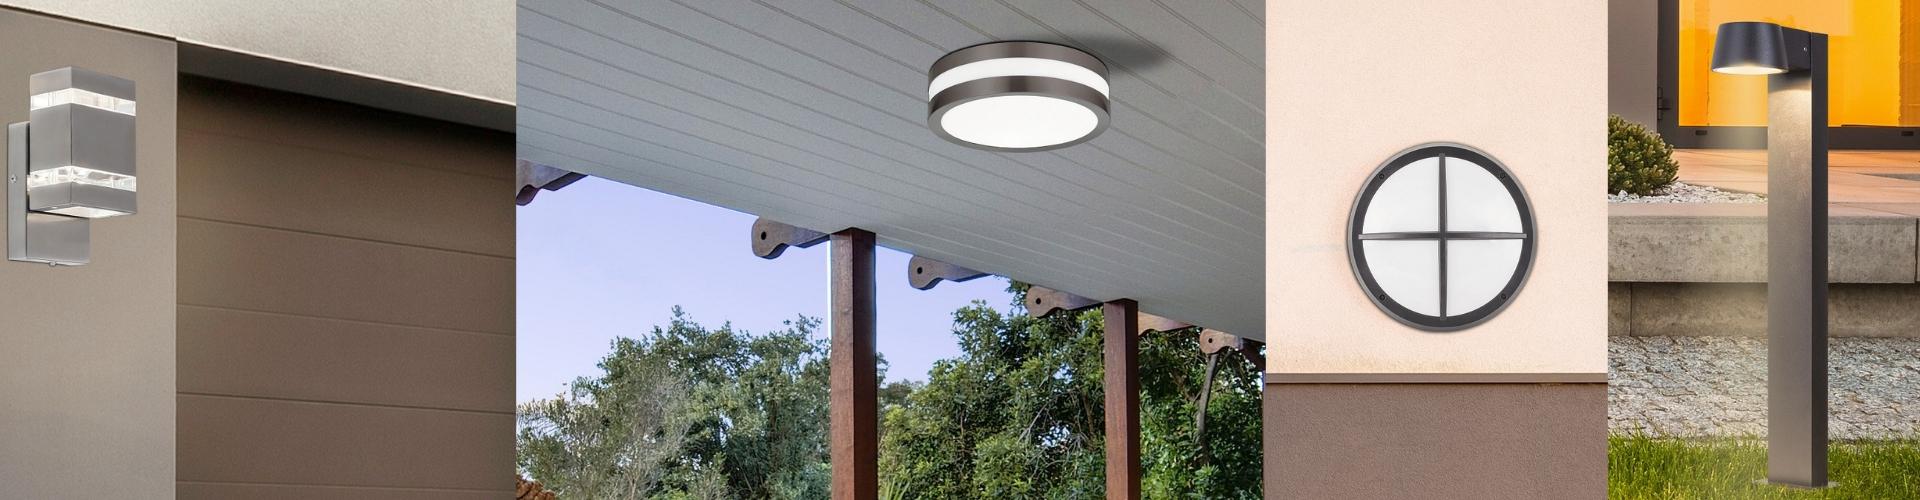 Lampes d'extérieur à détecteur de mouvement